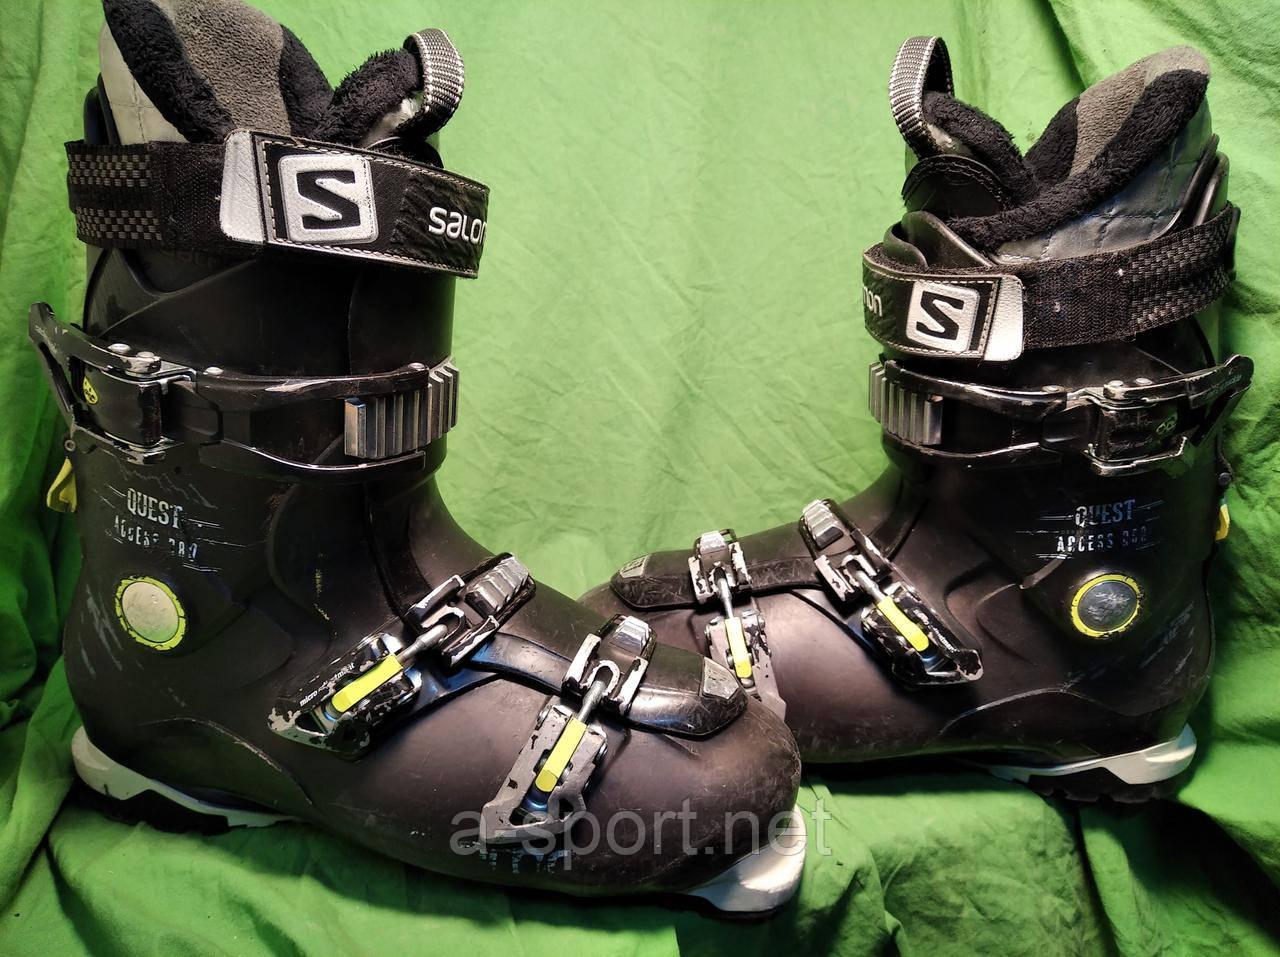 Гірськолижні черевики Salomon QST Access 80 29 см